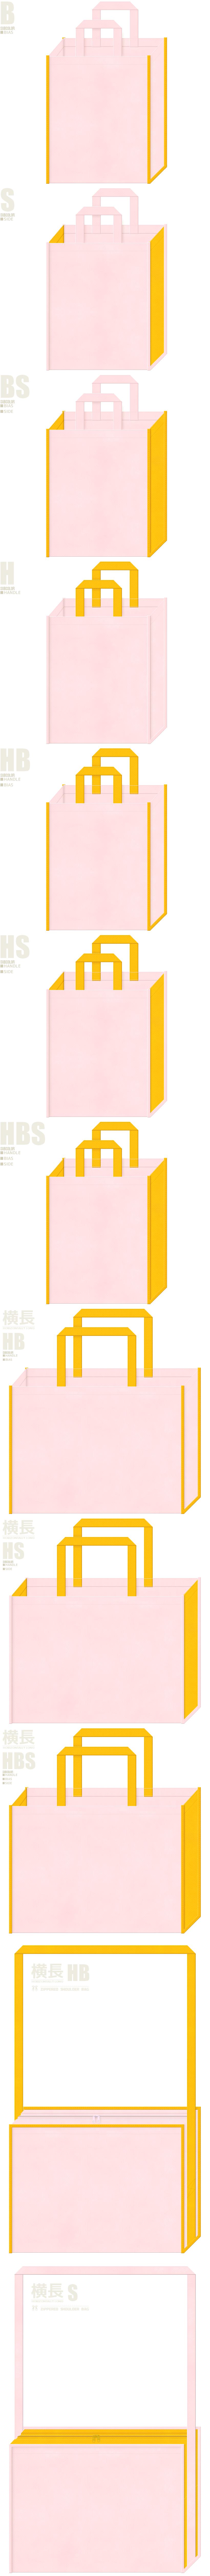 たまご・ひよこのイメージにお奨めの不織布バッグデザイン:桜色と黄色の配色7パターン。